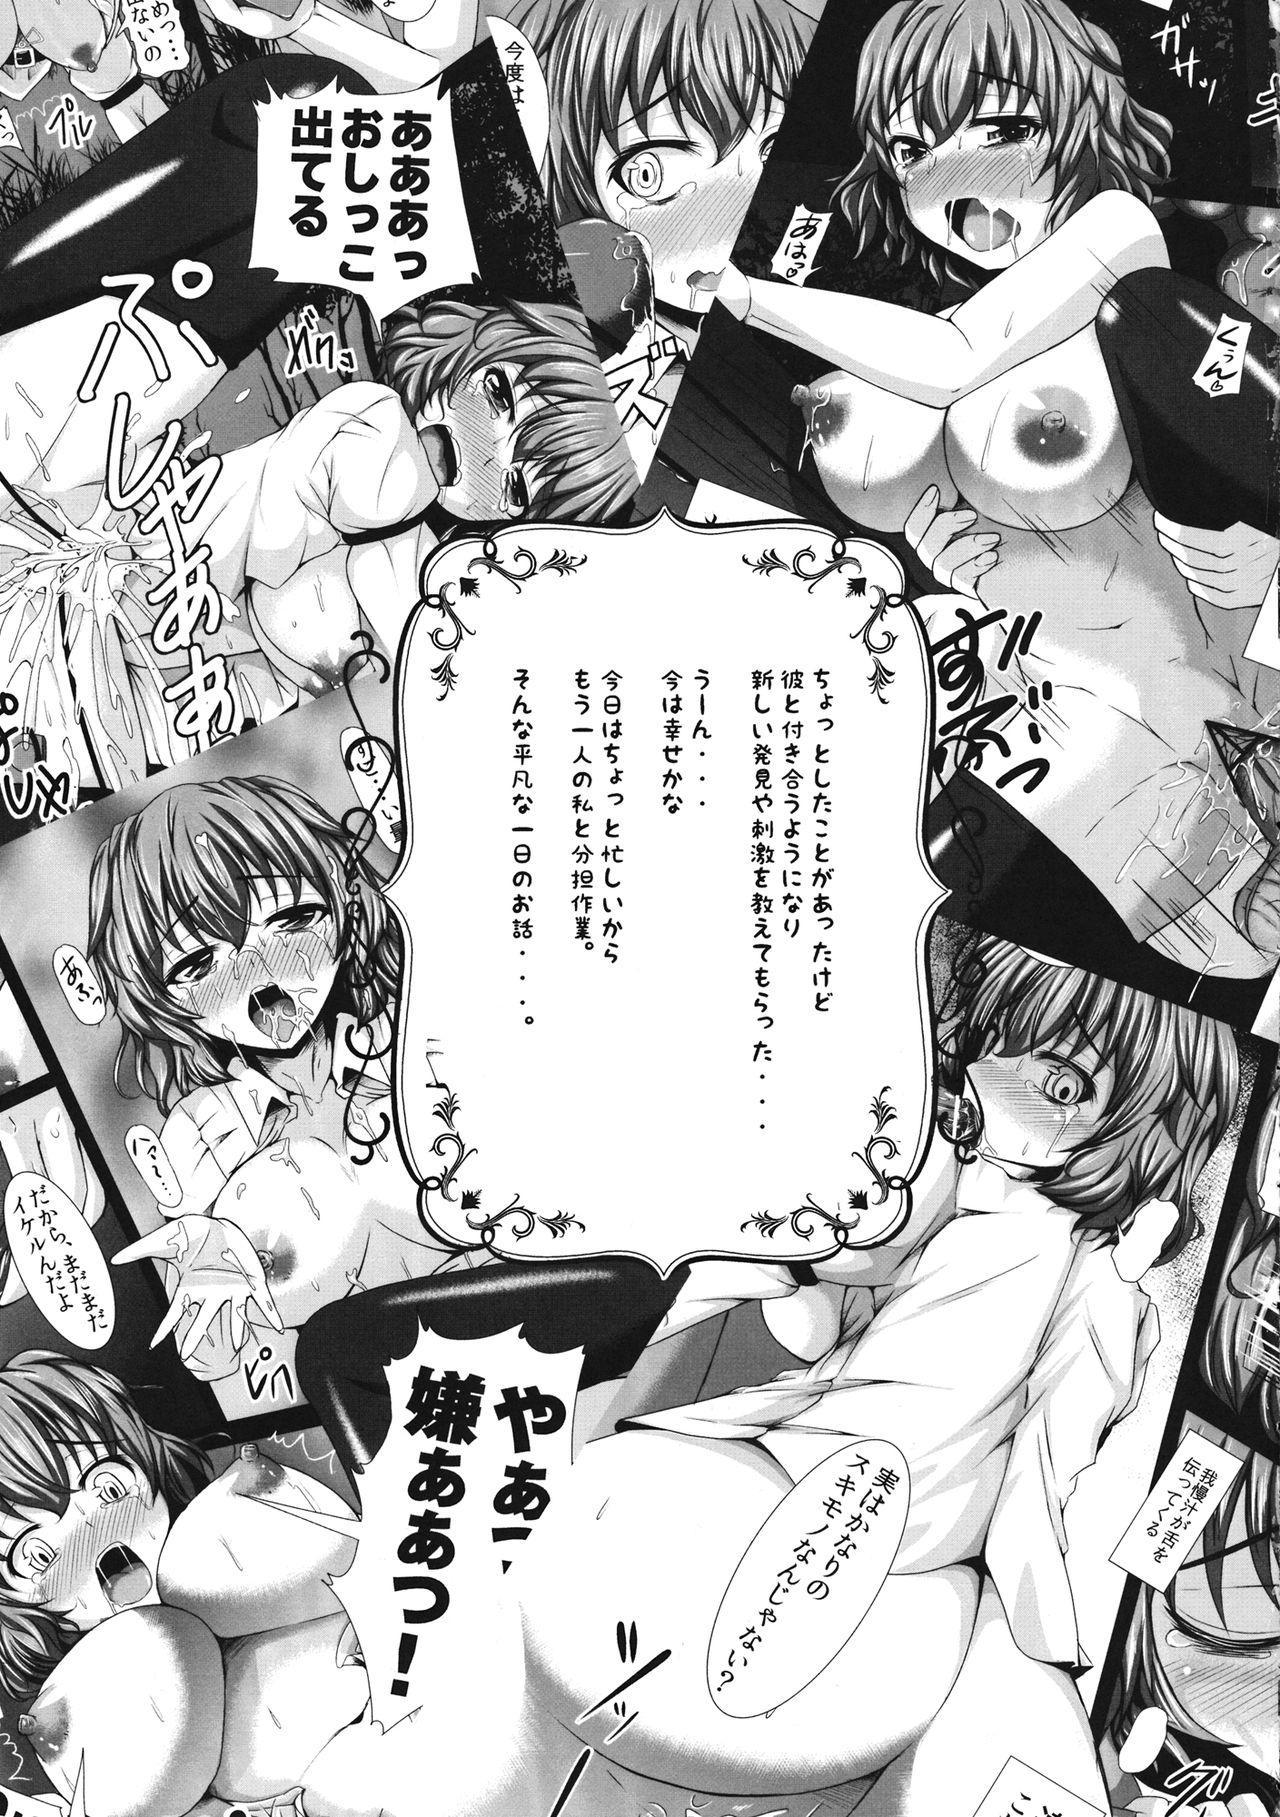 Yuukarin ChuChu 2 - Yuuka to Yuuka de Love Love 3P Hen 1